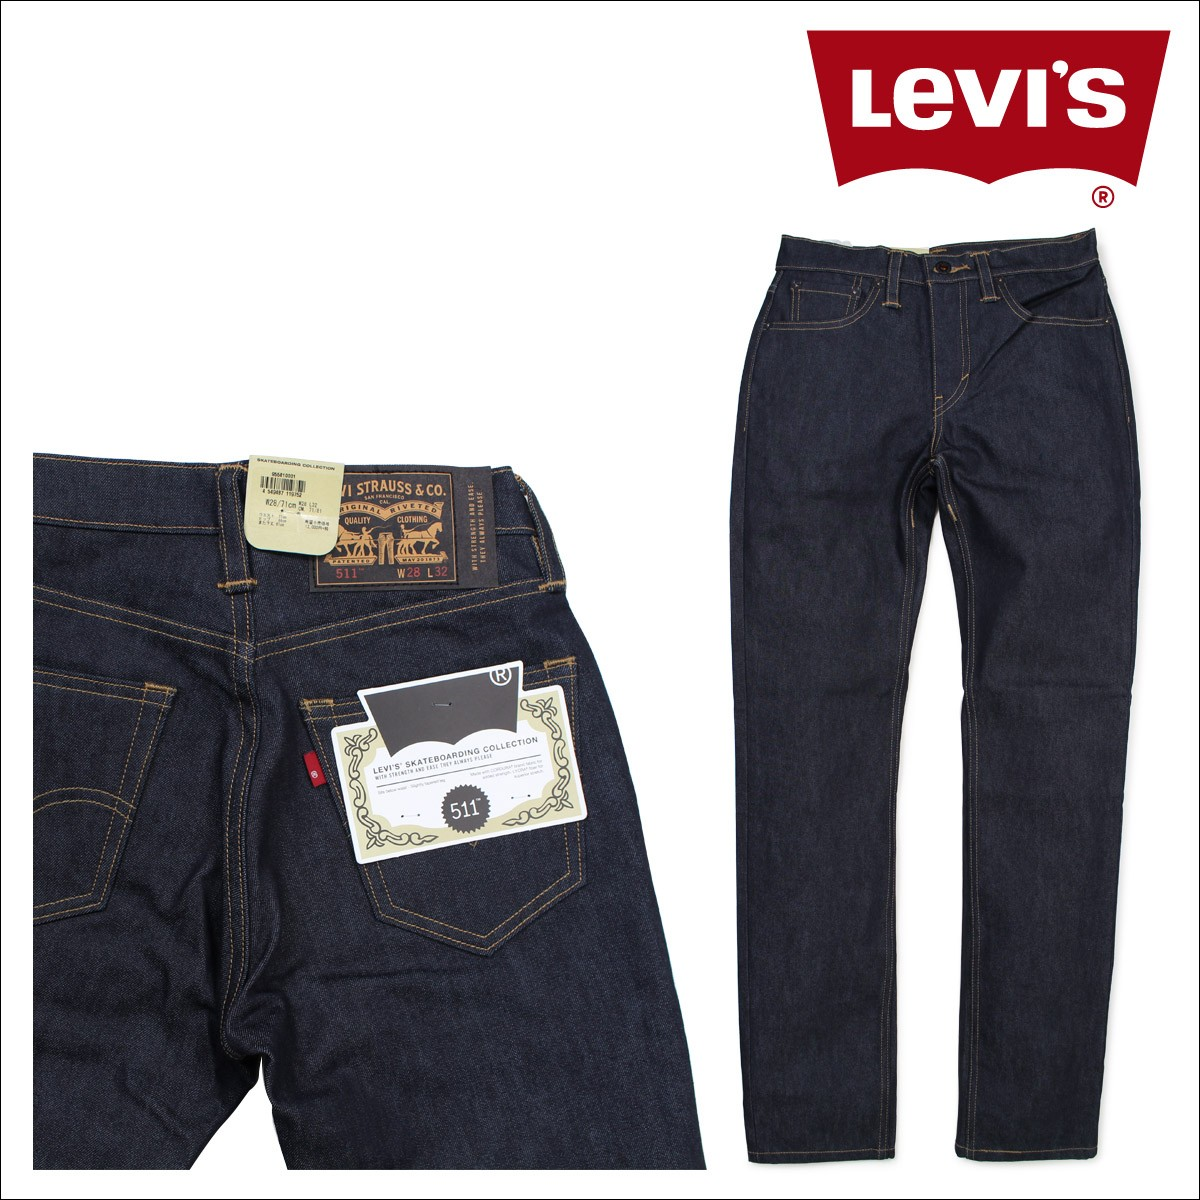 リーバイス 511 LEVI'S スリム スケートボーディング メンズ デニム パンツ SLIM FIT 95581-0001 [1/10 新入荷]